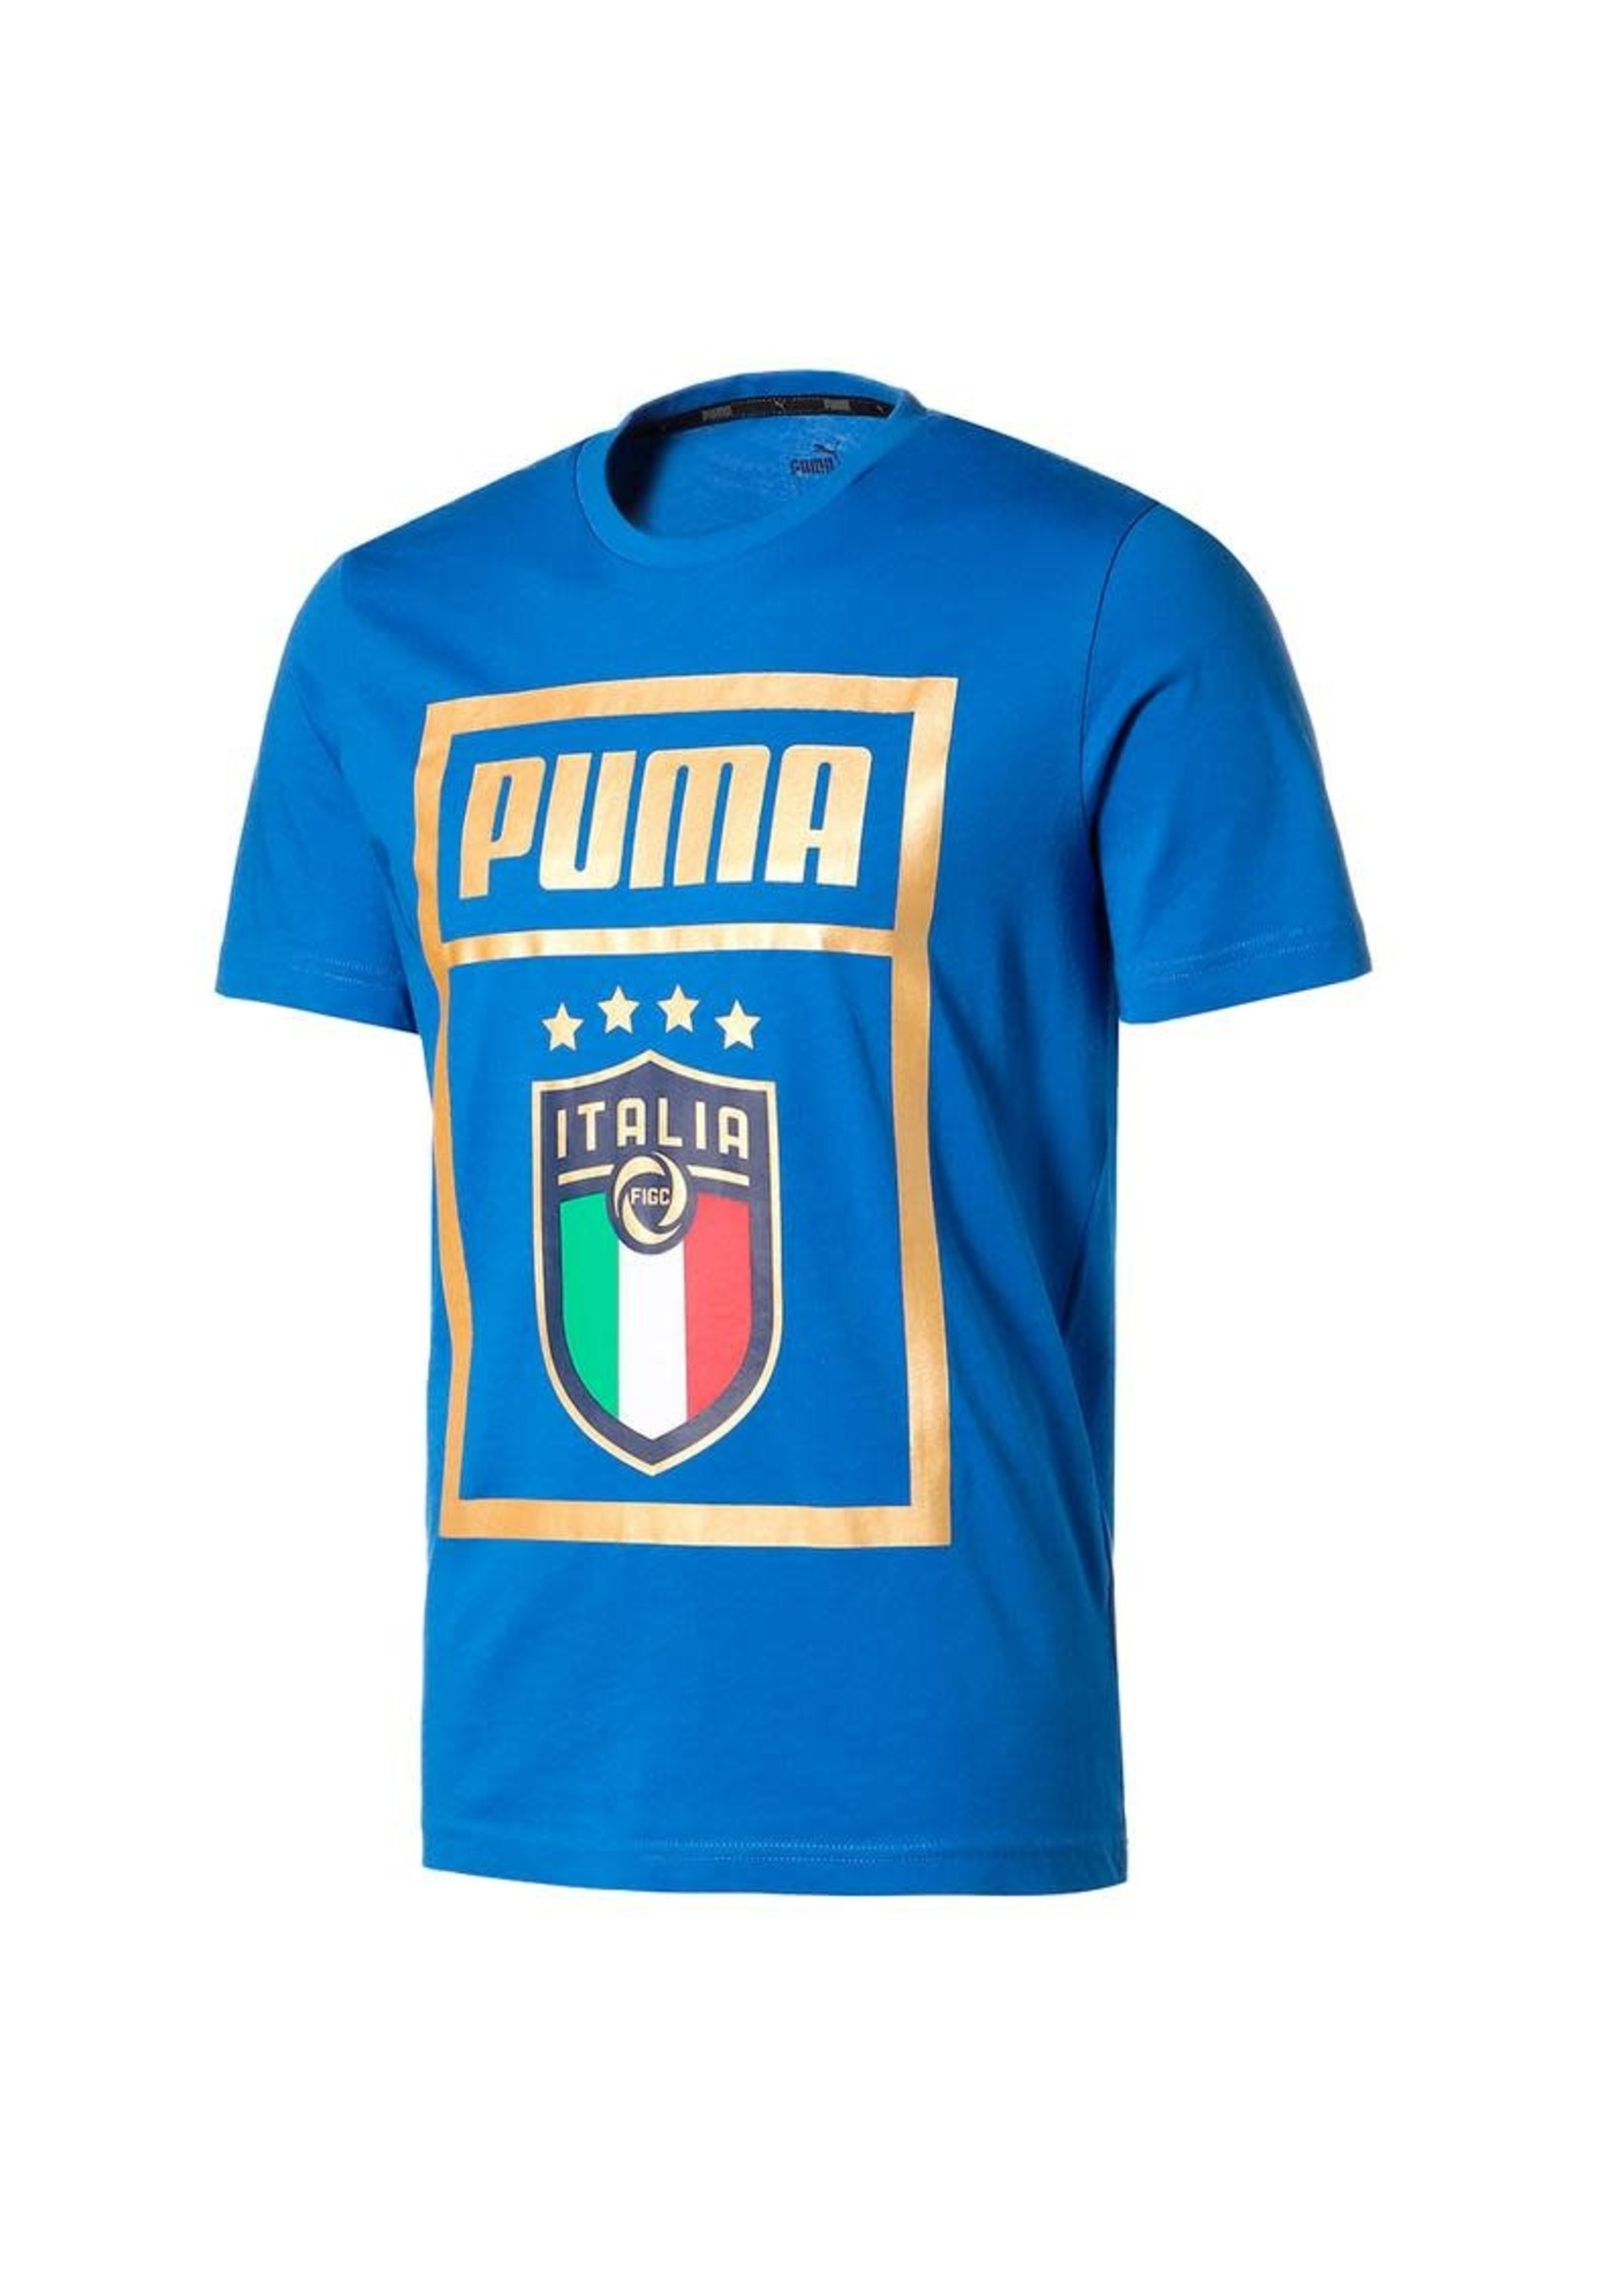 Puma Italy T-Shirt - 757504 16